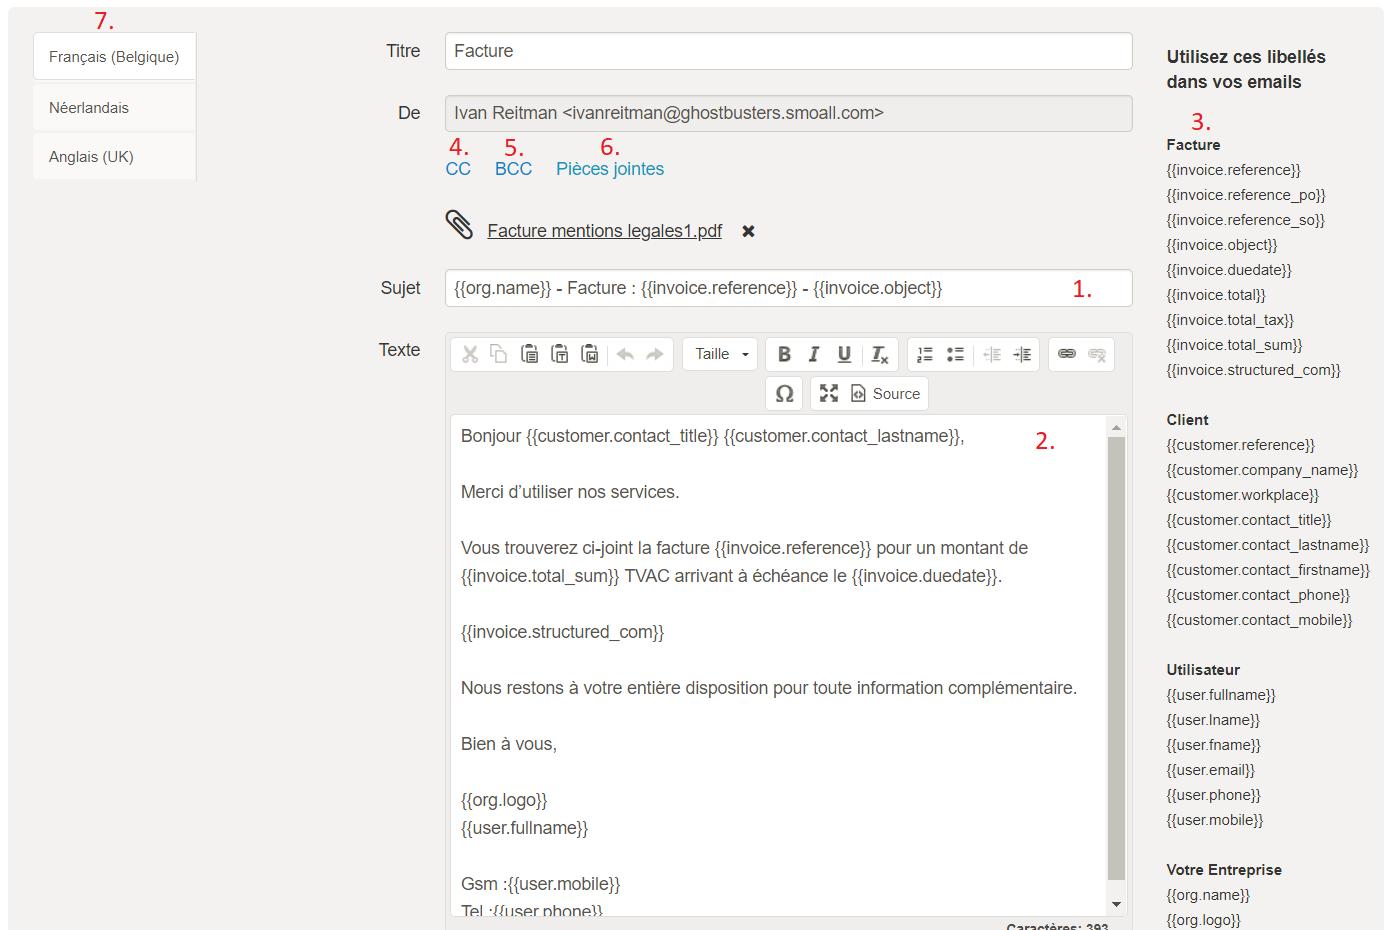 Smoall - Paramètres e-mail - édition